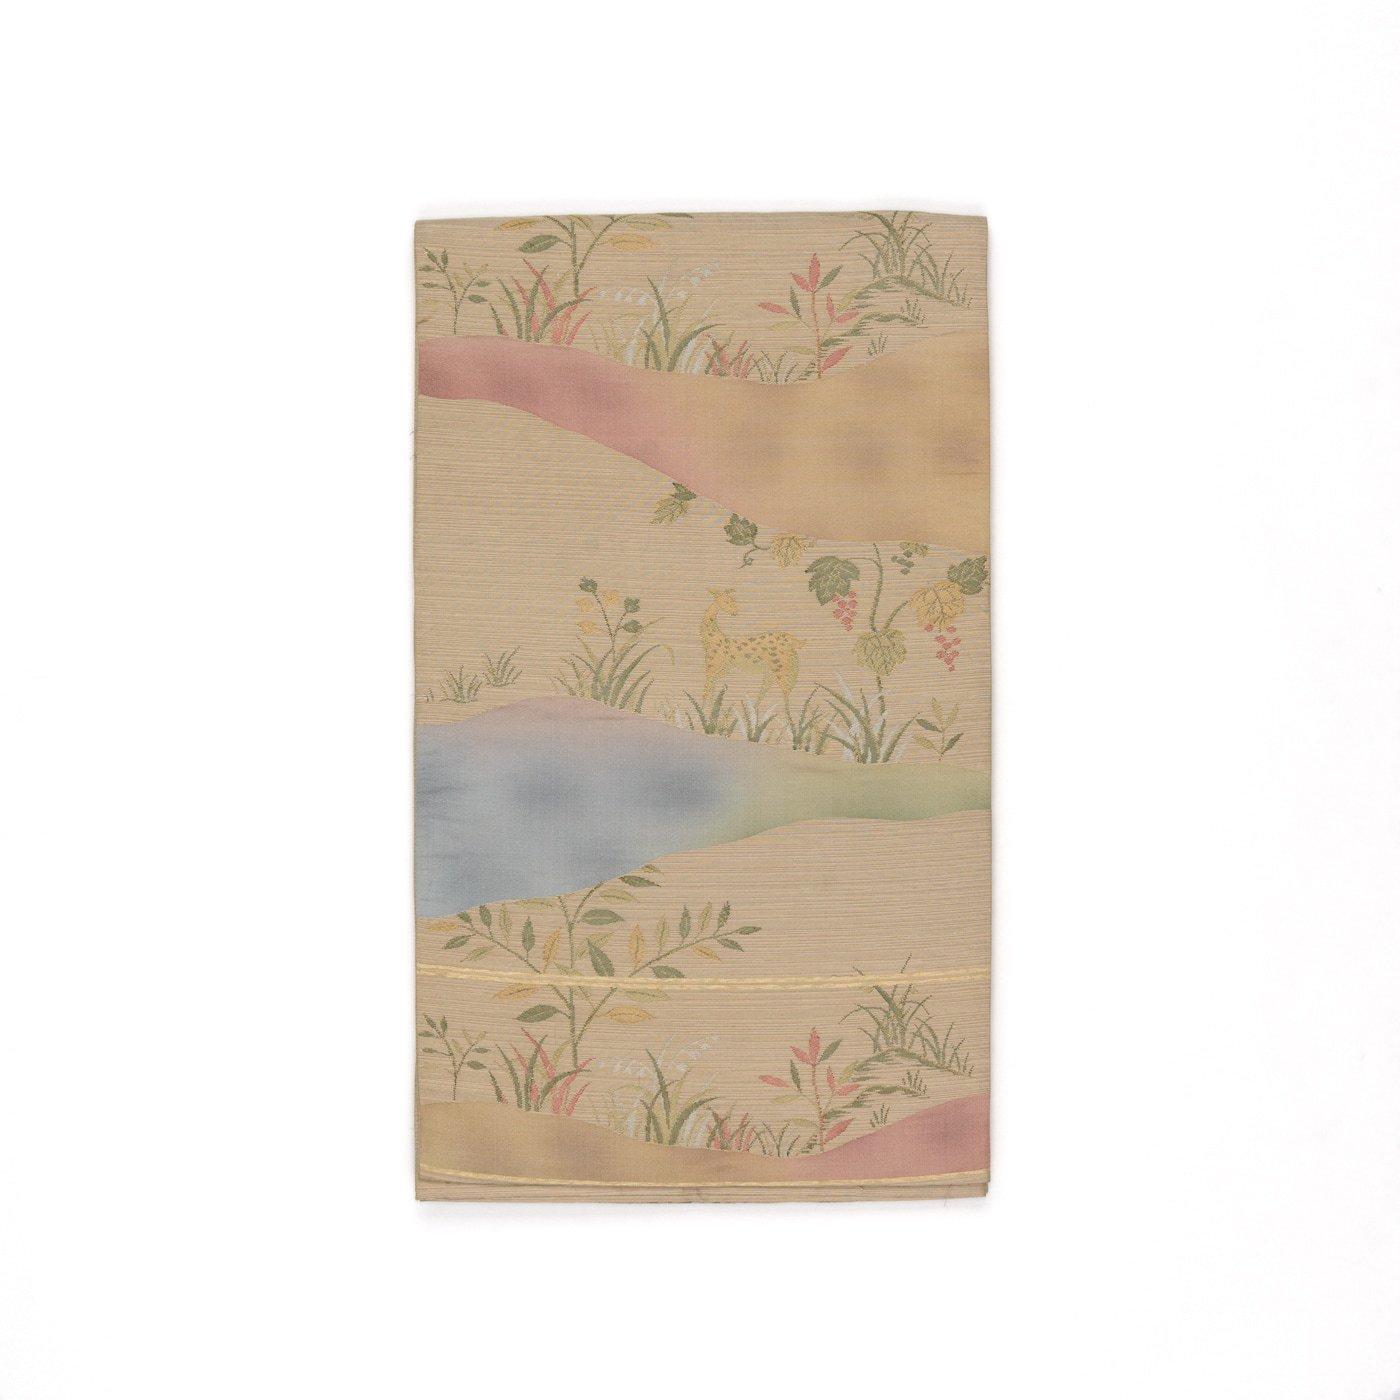 「洒落袋帯●小鹿と葡萄」の商品画像